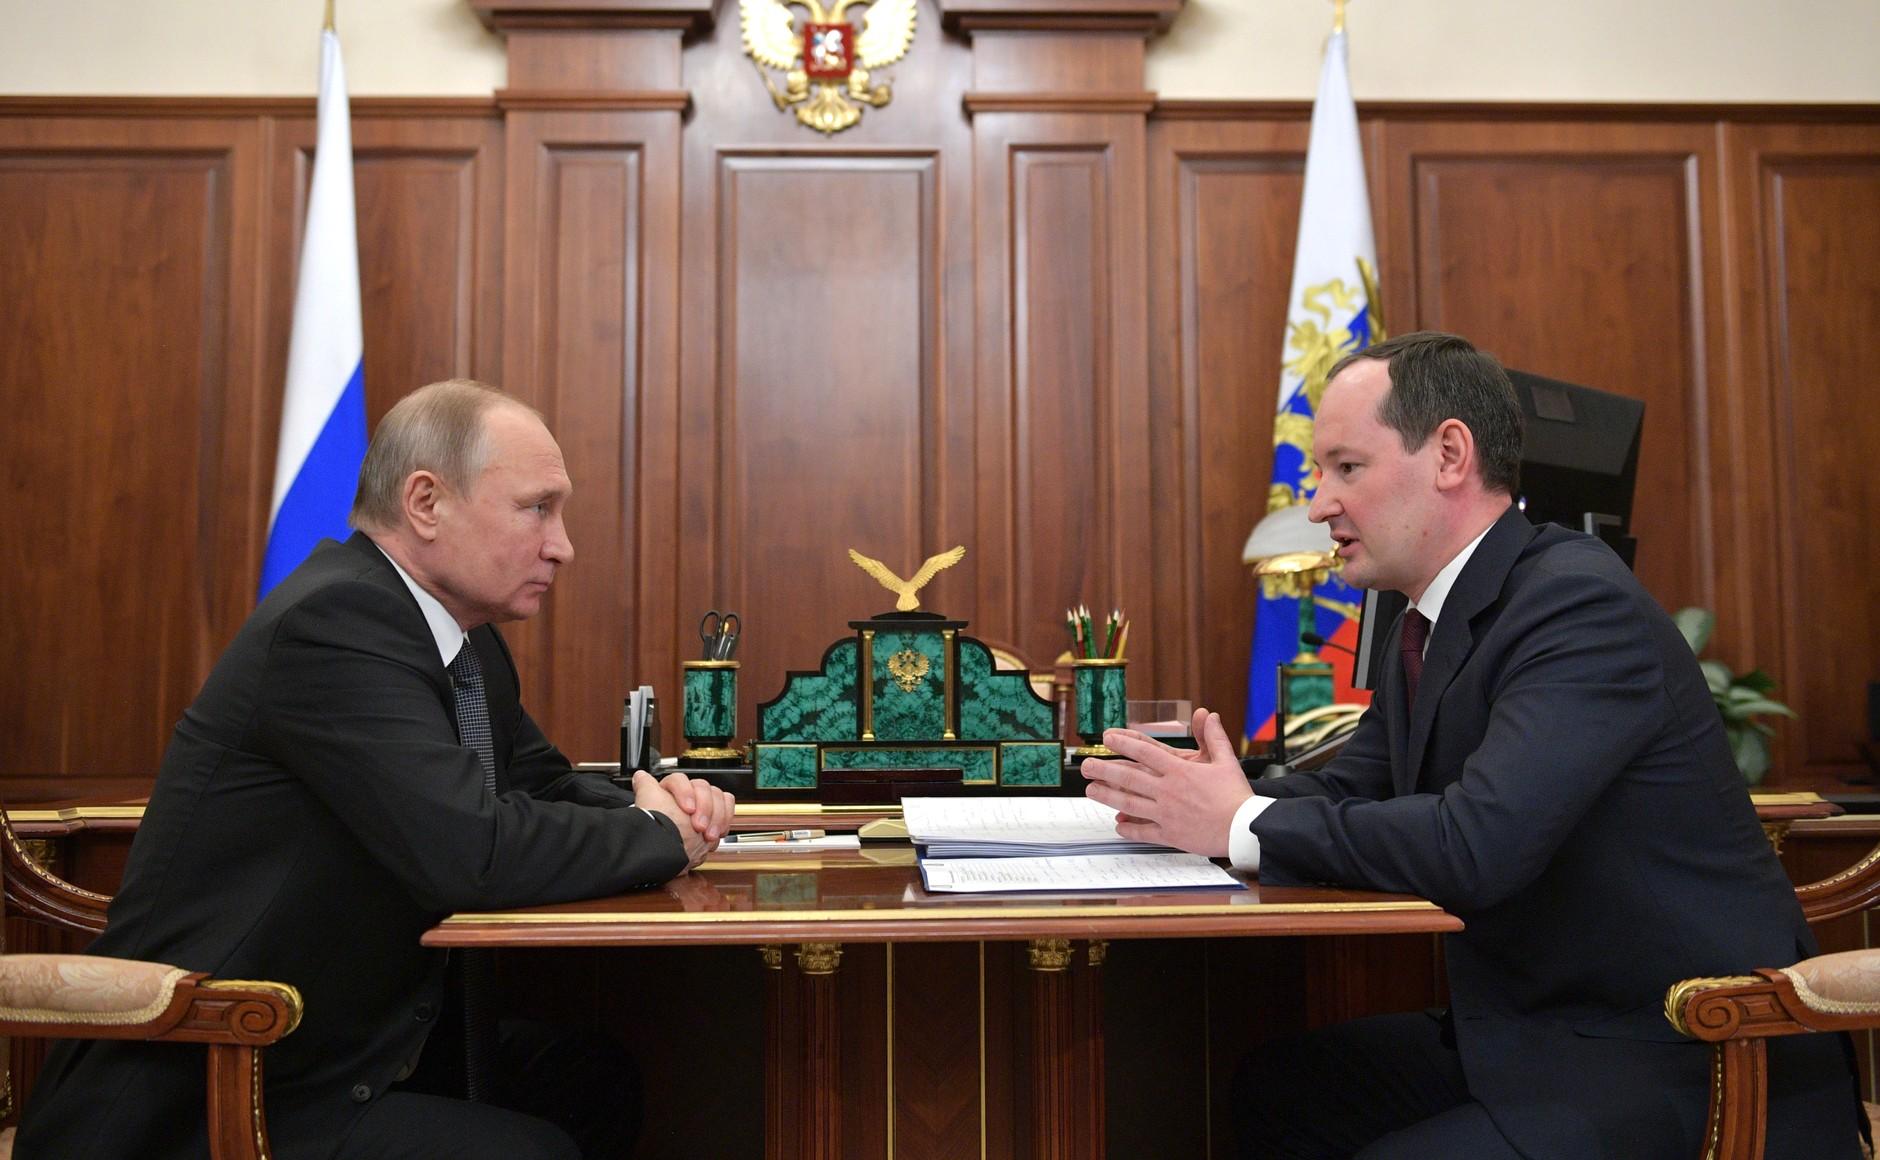 В. Путин встретился с главой компании «Россети» П. Ливинским.